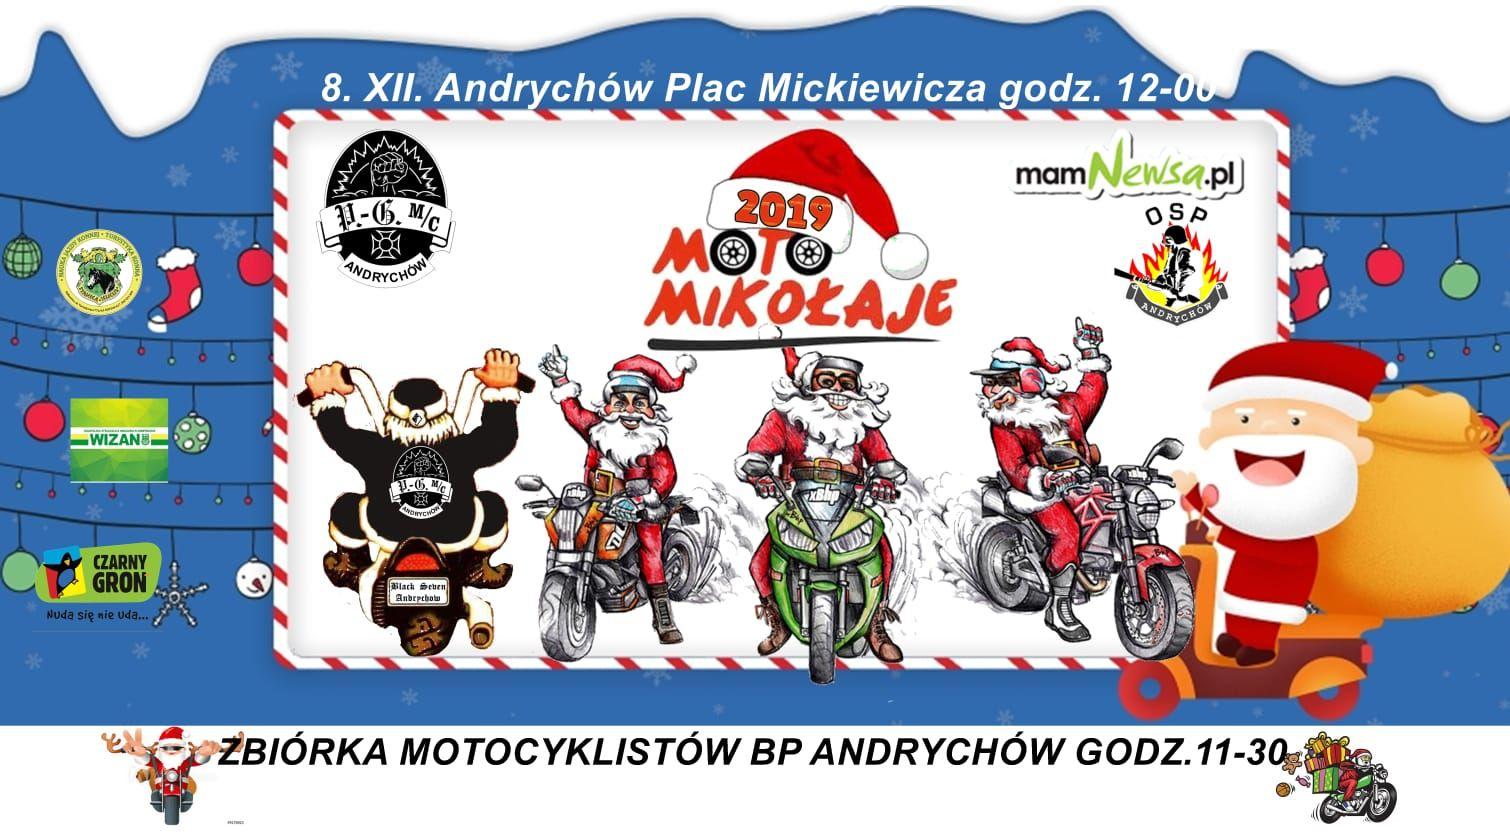 Już w niedzielę Motomikołaje w Andrychowie, Wadowicach i Kalwarii Zebrzydowskiej